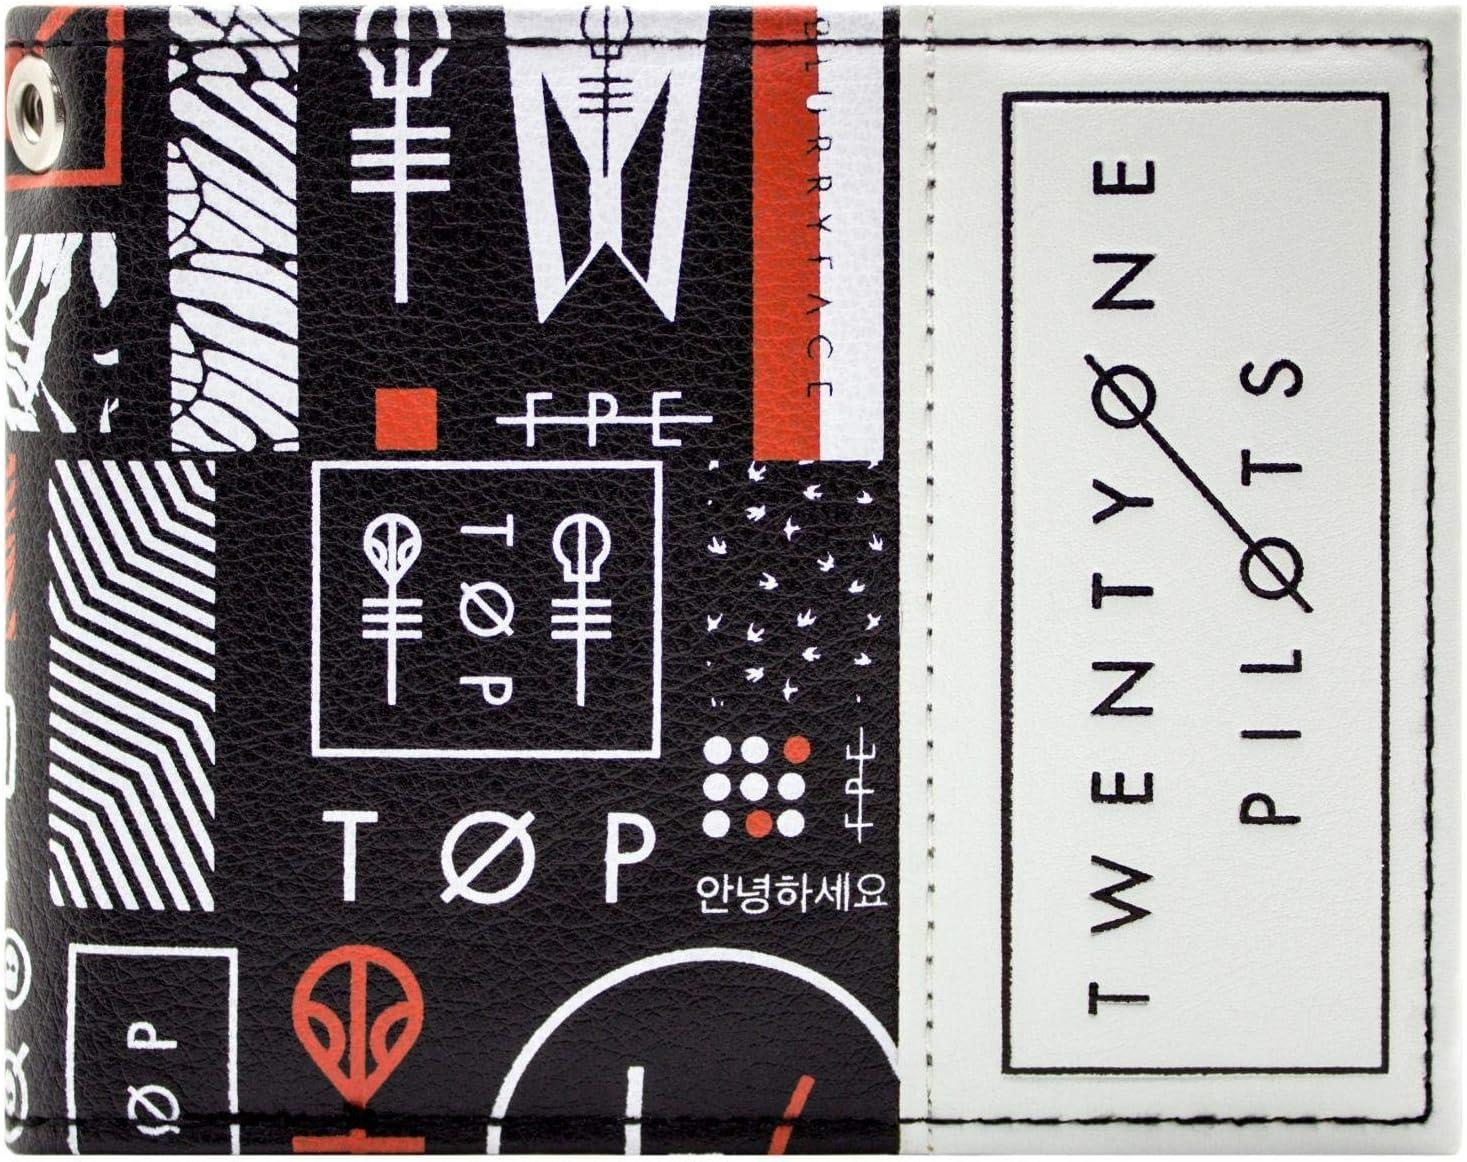 Twenty One Pilots Symboles Squelette Blurryface Clique Noir Portefeuille